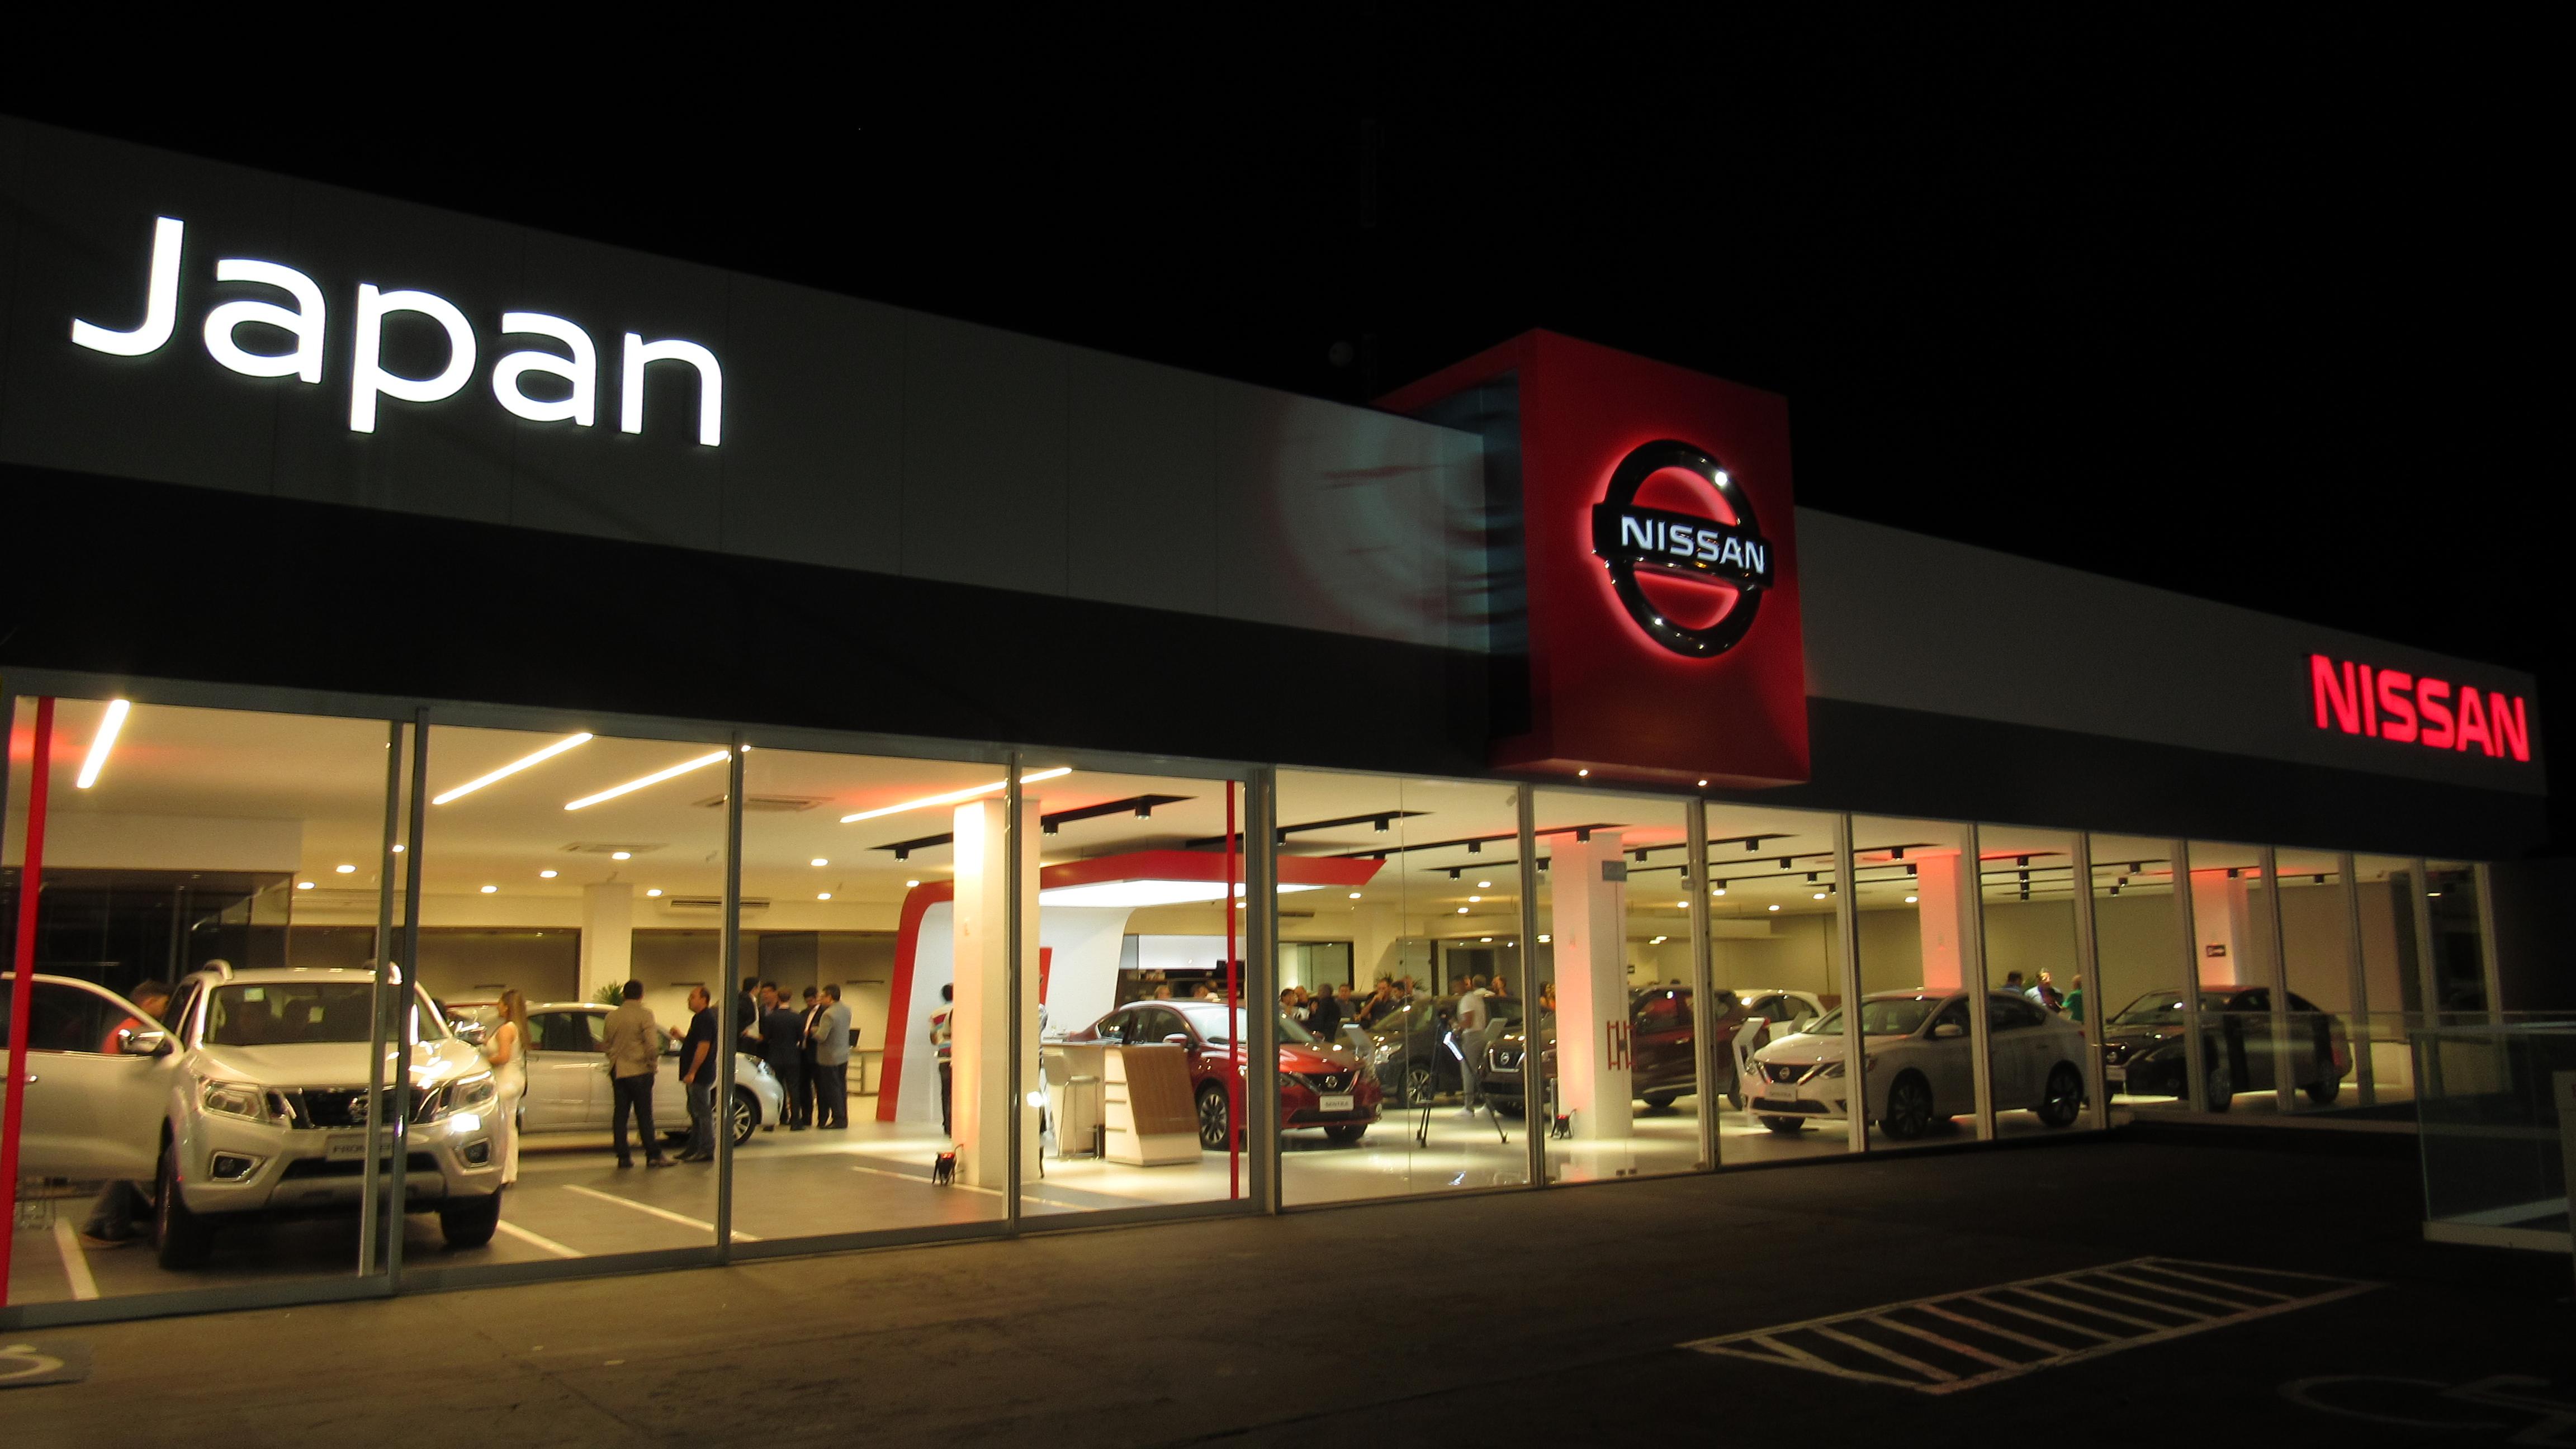 Diretoria da Nissan do Brasil visita novas instalações da Japan Veículos em Teresina: veja fotos!